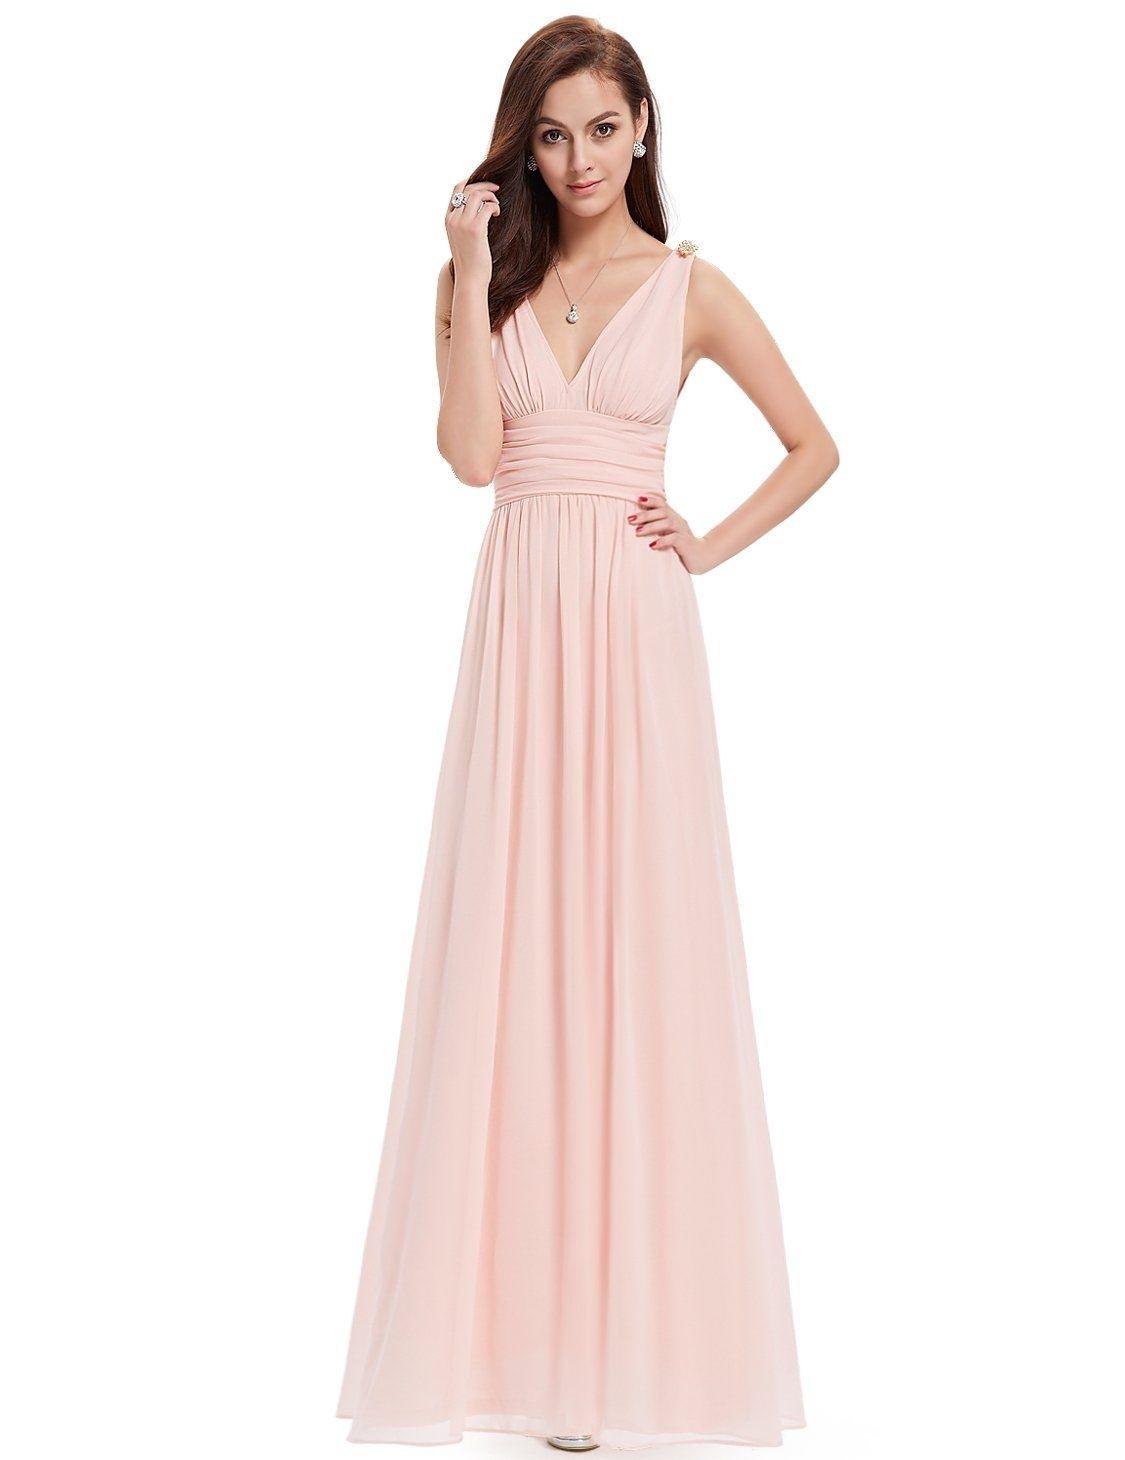 Großartig Abendkleider Lang Hochzeit Spezialgebiet13 Ausgezeichnet Abendkleider Lang Hochzeit Spezialgebiet